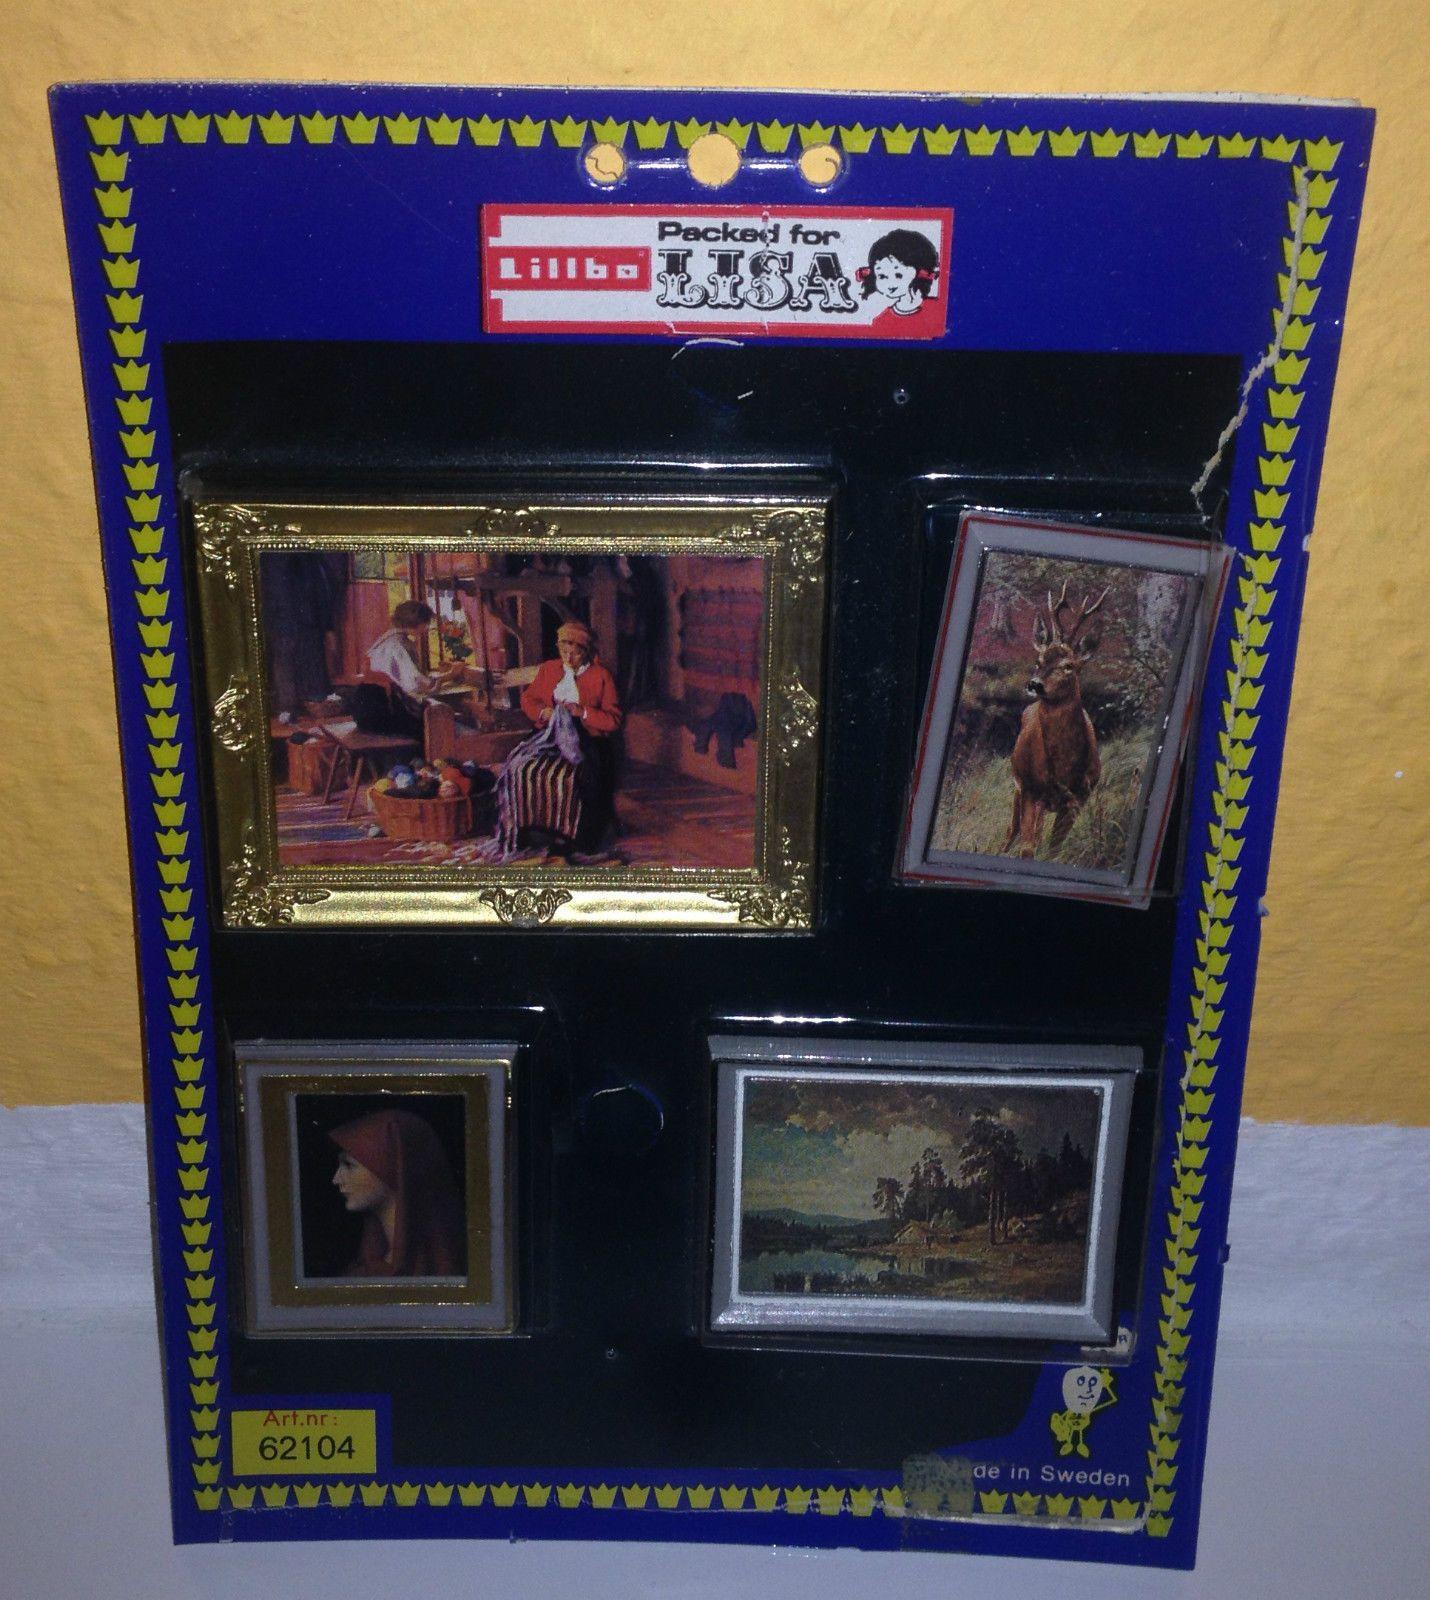 Lillbo Packed for Lisa Bilder Set Gemälde Puppenstube Puppenhaus ...